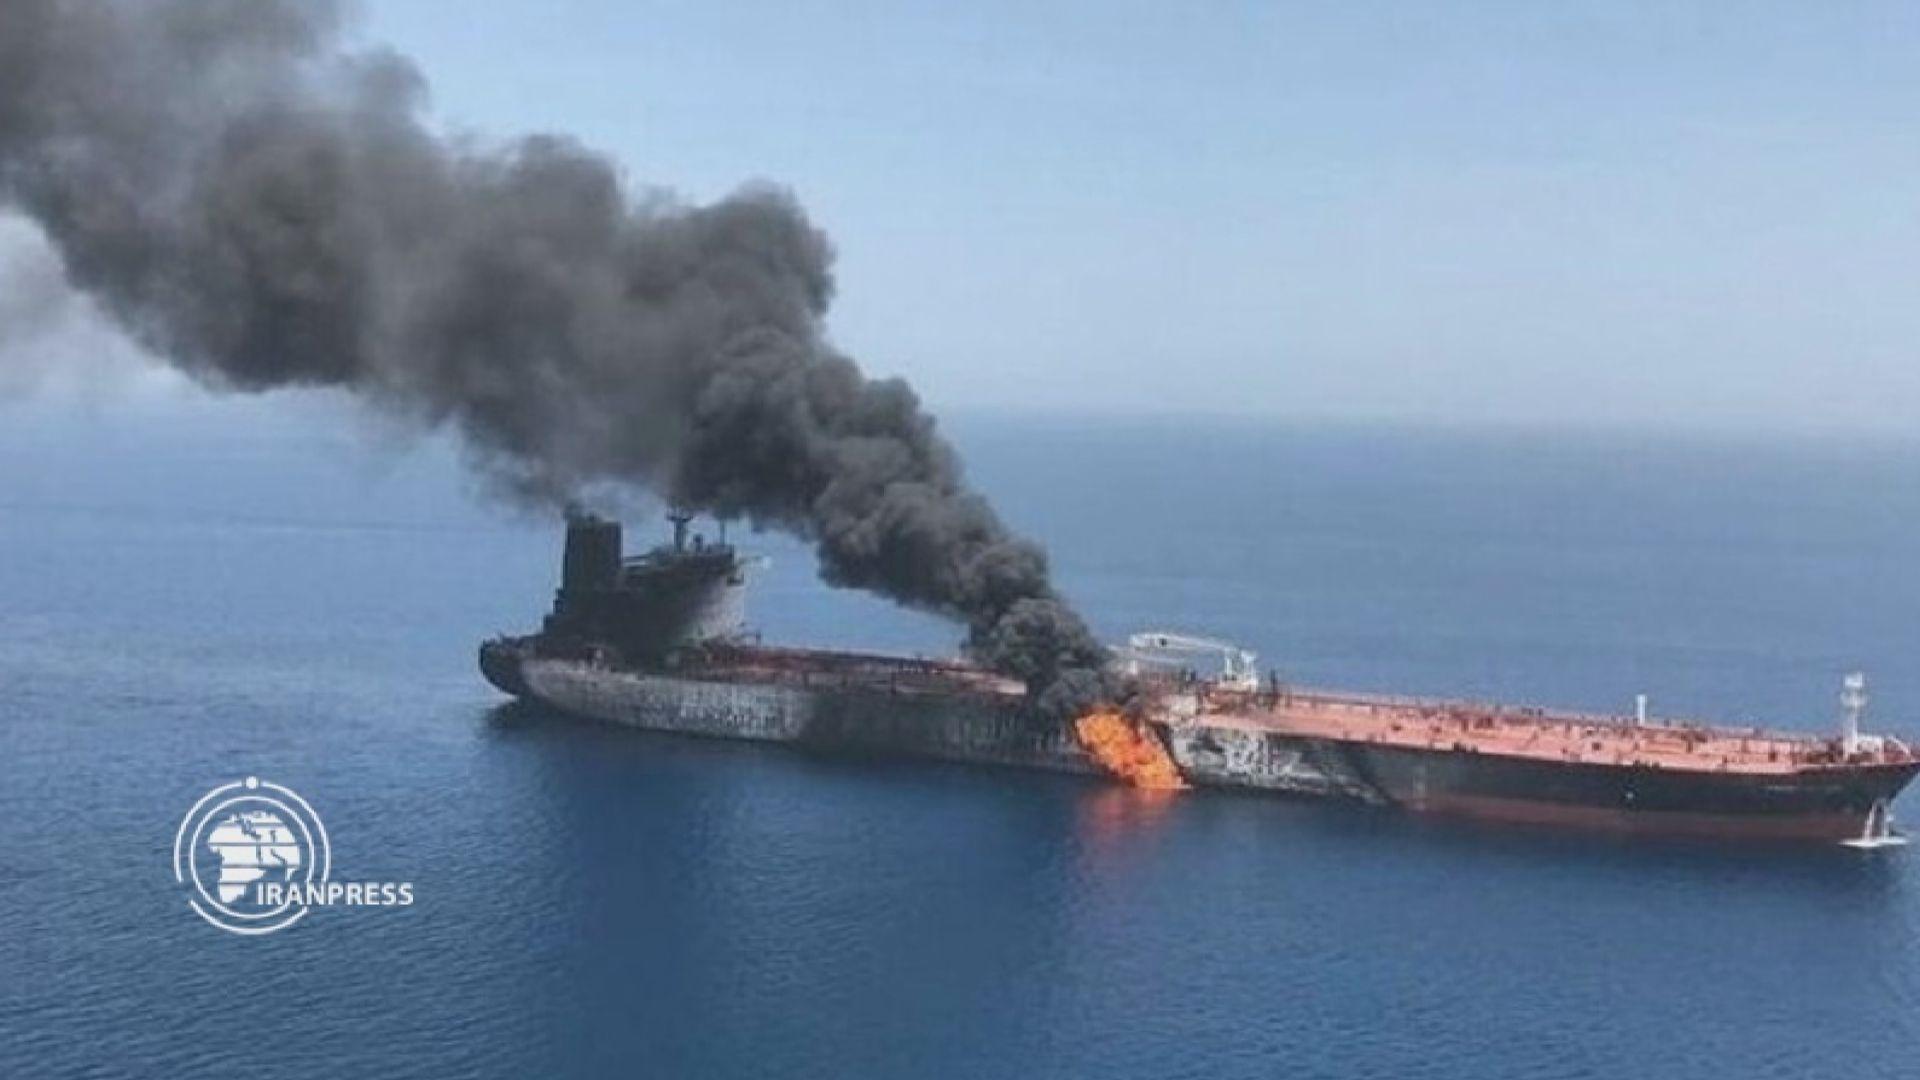 伊朗油輪遭導彈襲擊 專家相信涉恐襲